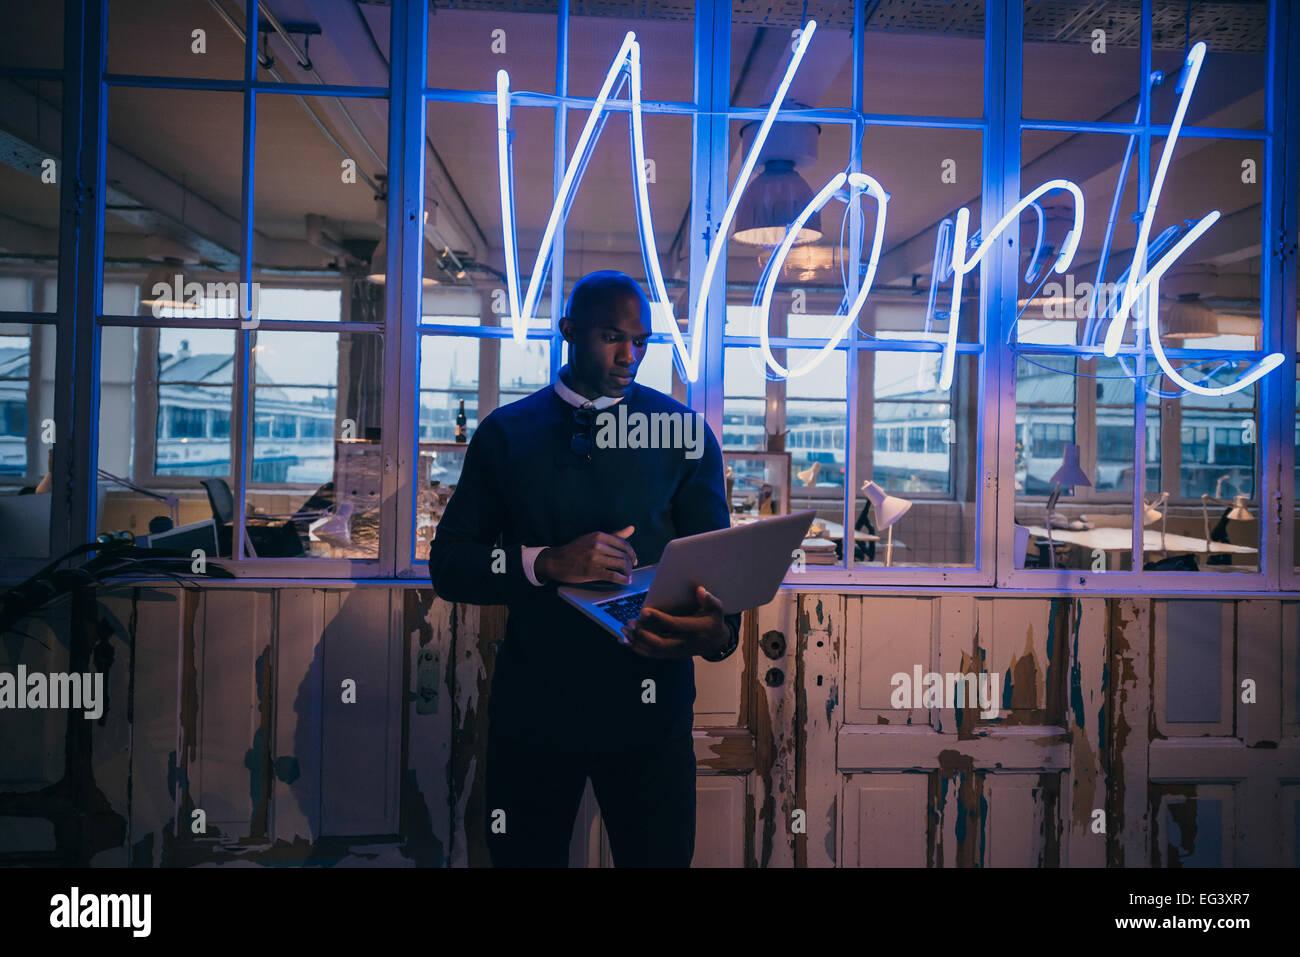 Afrikanischen jungen Mann im Büro mit Laptop-Computer. Führungskraft im Büro mit großen Neonlicht Stockbild